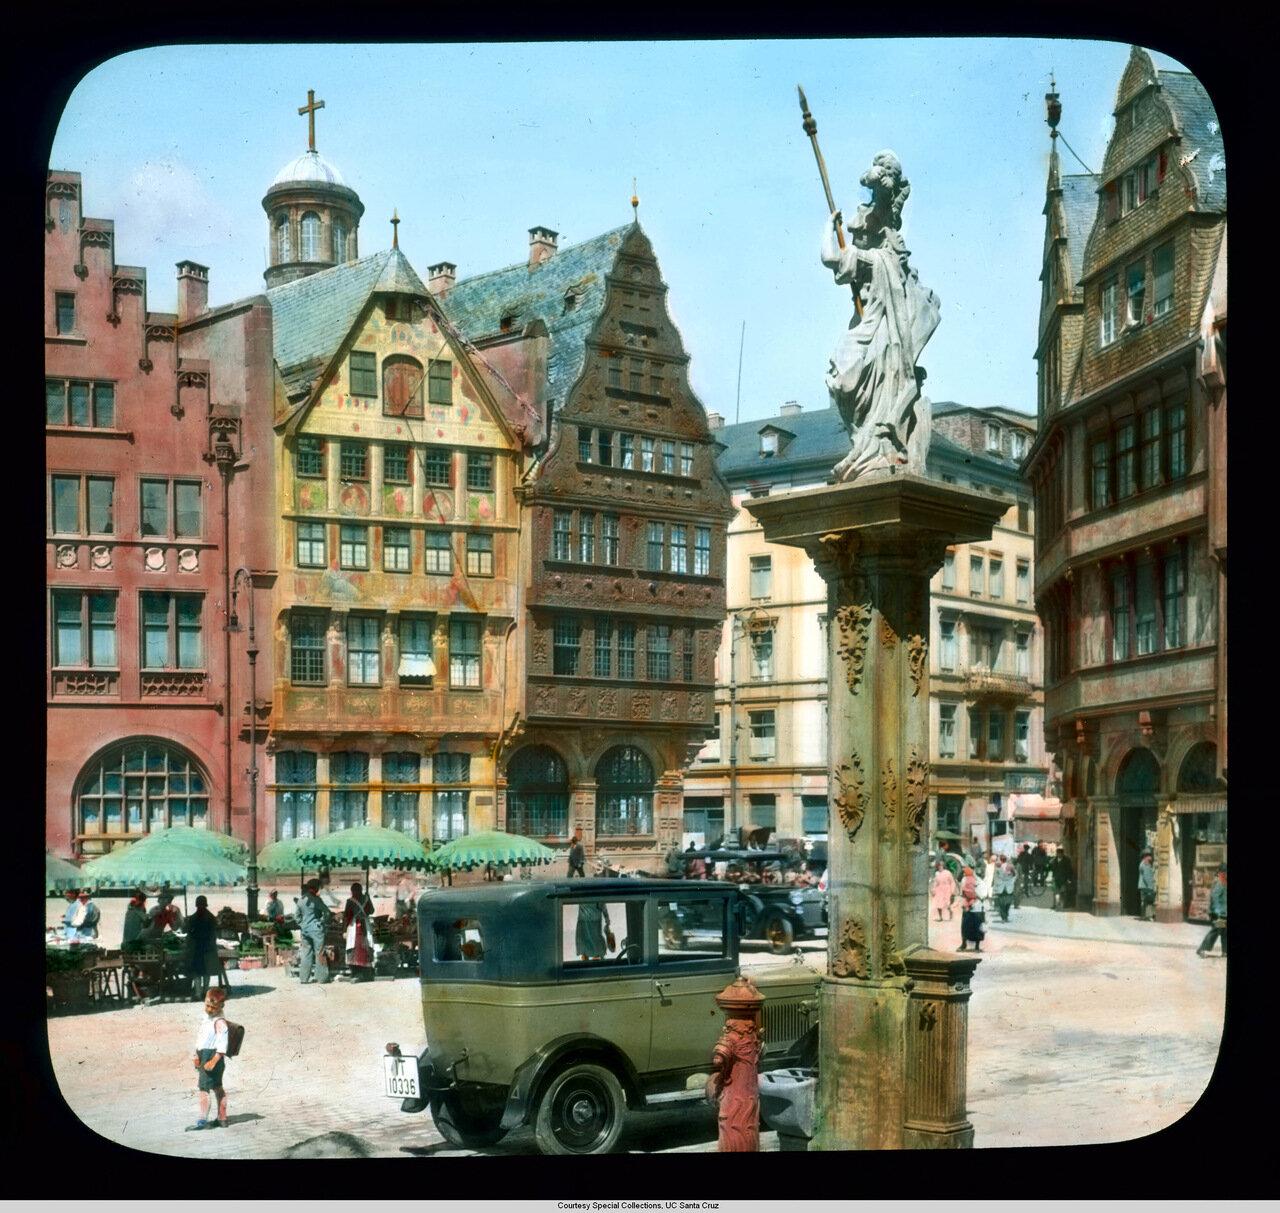 Франкфурт-на-Майне. Площадь Рёмерберг с фонтаном Минервы